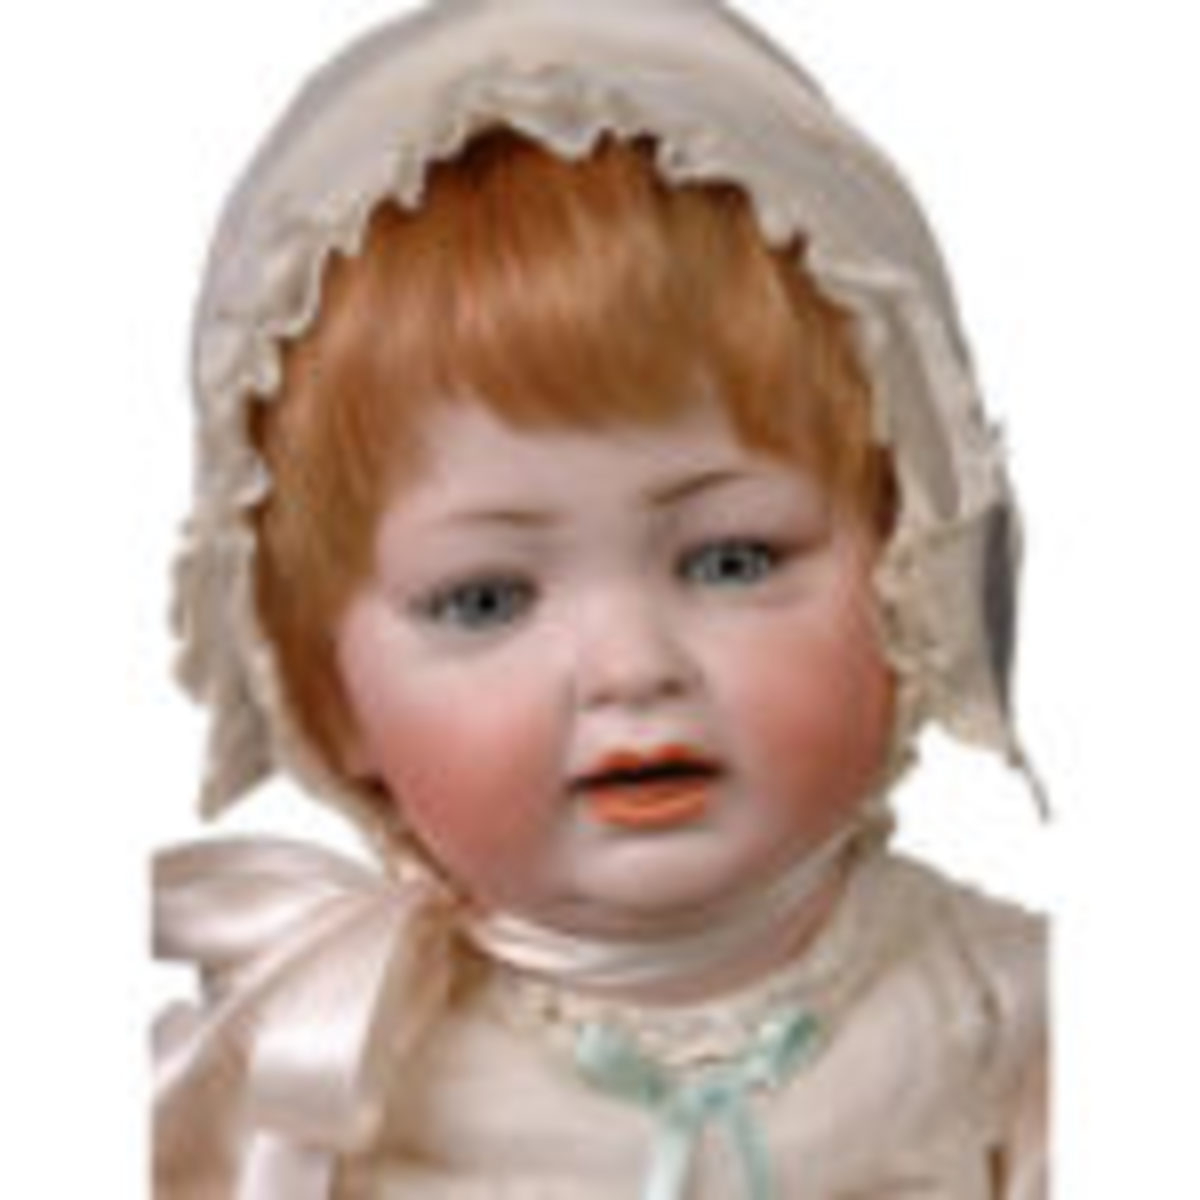 Hertel & Schwabb character baby doll. Courtesy of Ruby Lane